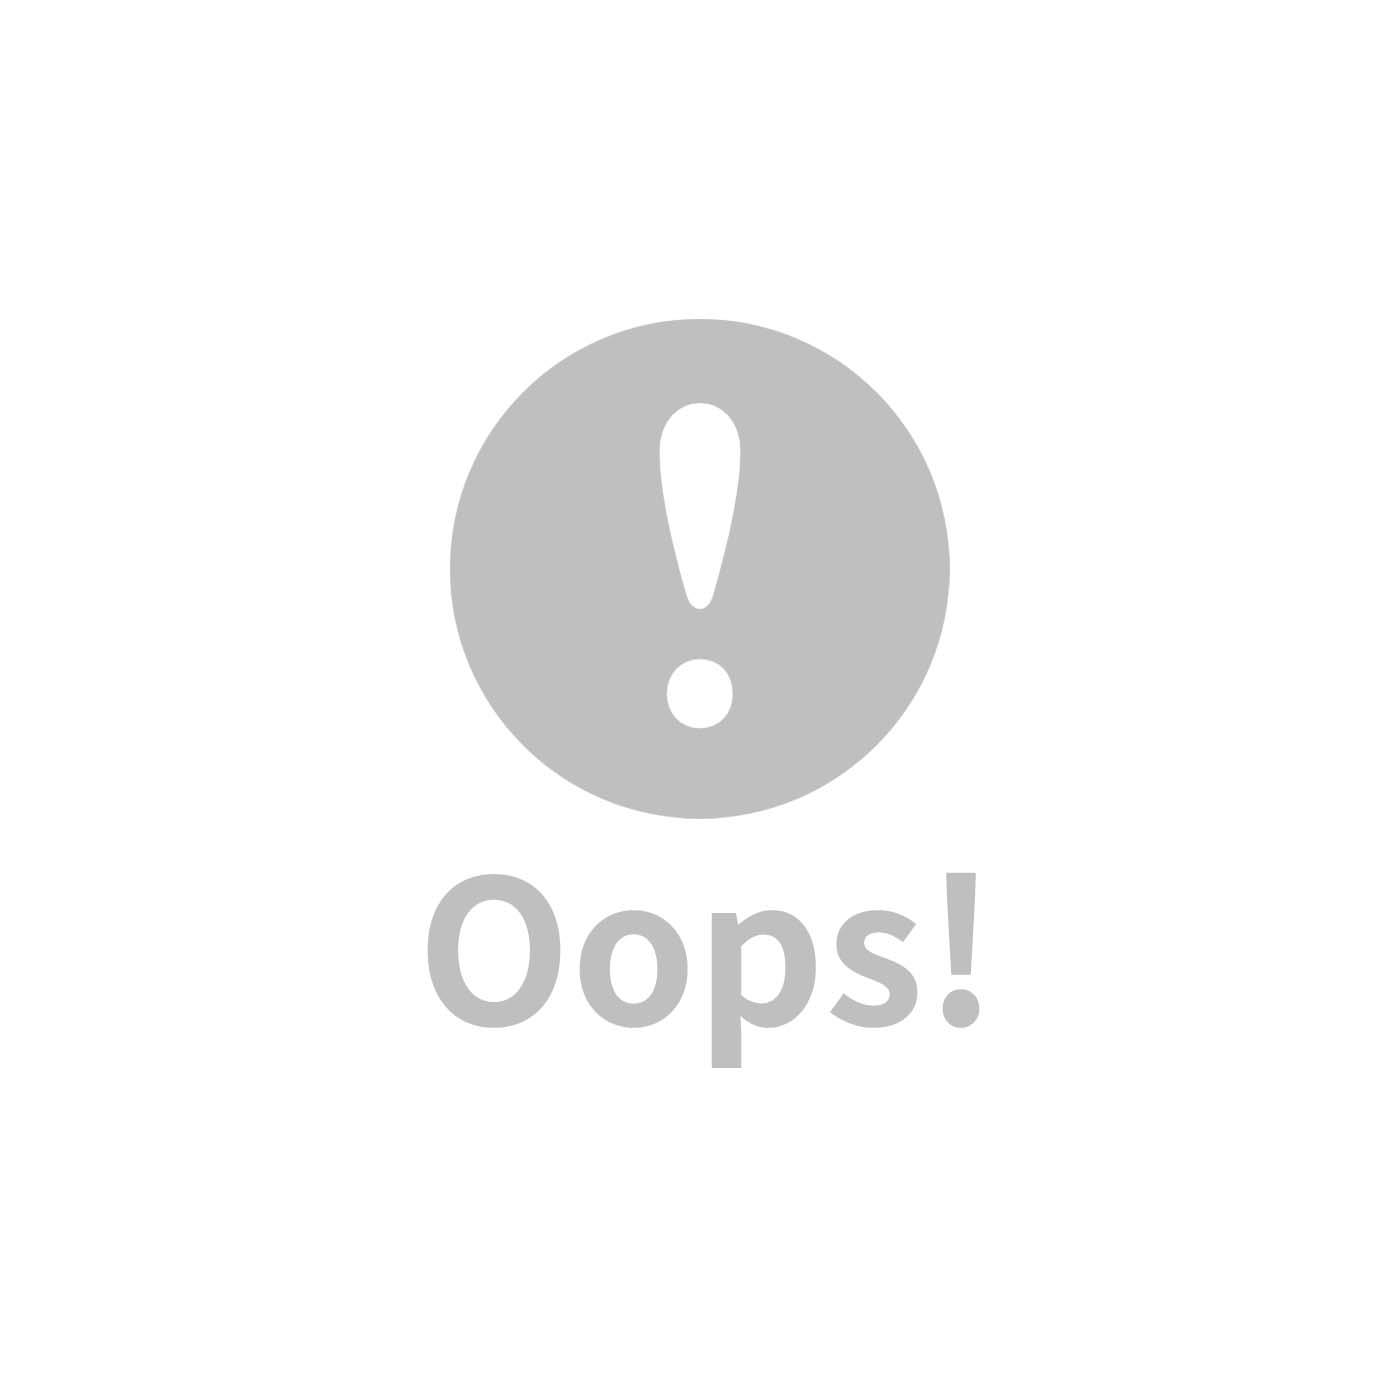 【韓國 lolbaby】Hi Jell-O涼感蒟蒻枕頭_防水隔尿款 (雲朵朵)